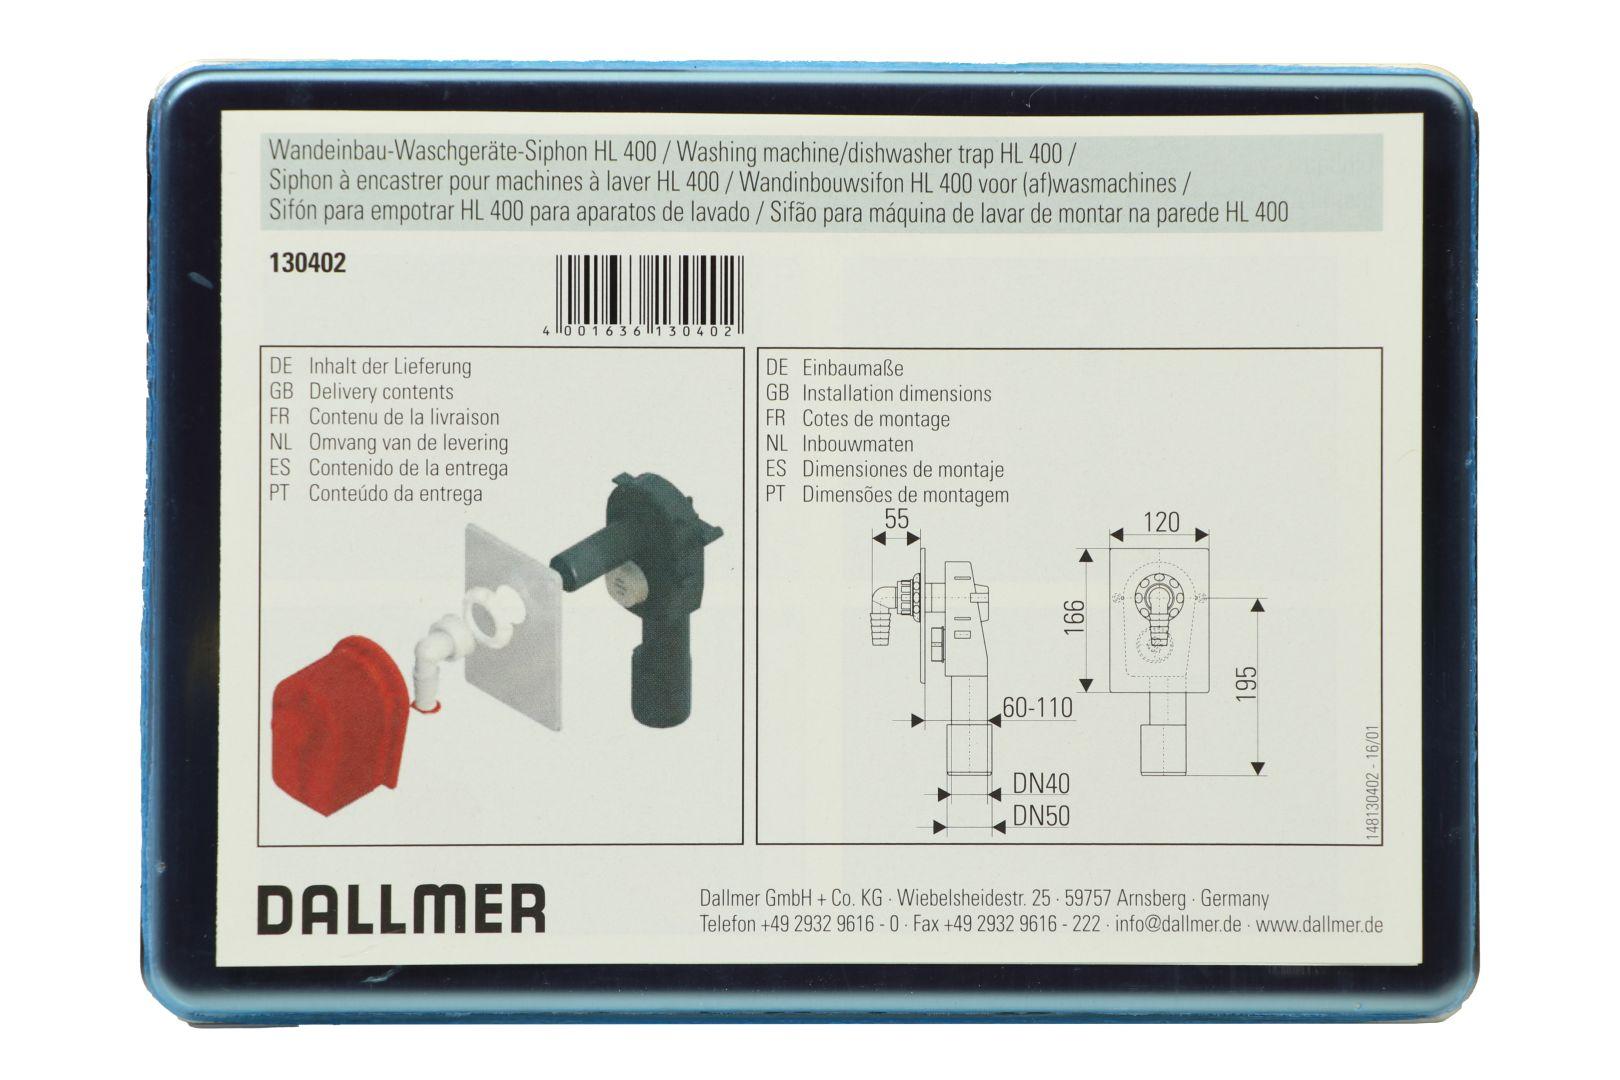 DALLMER Wandeinbau-Waschgeräte-Siphon HL 400, DN 40/DN 50